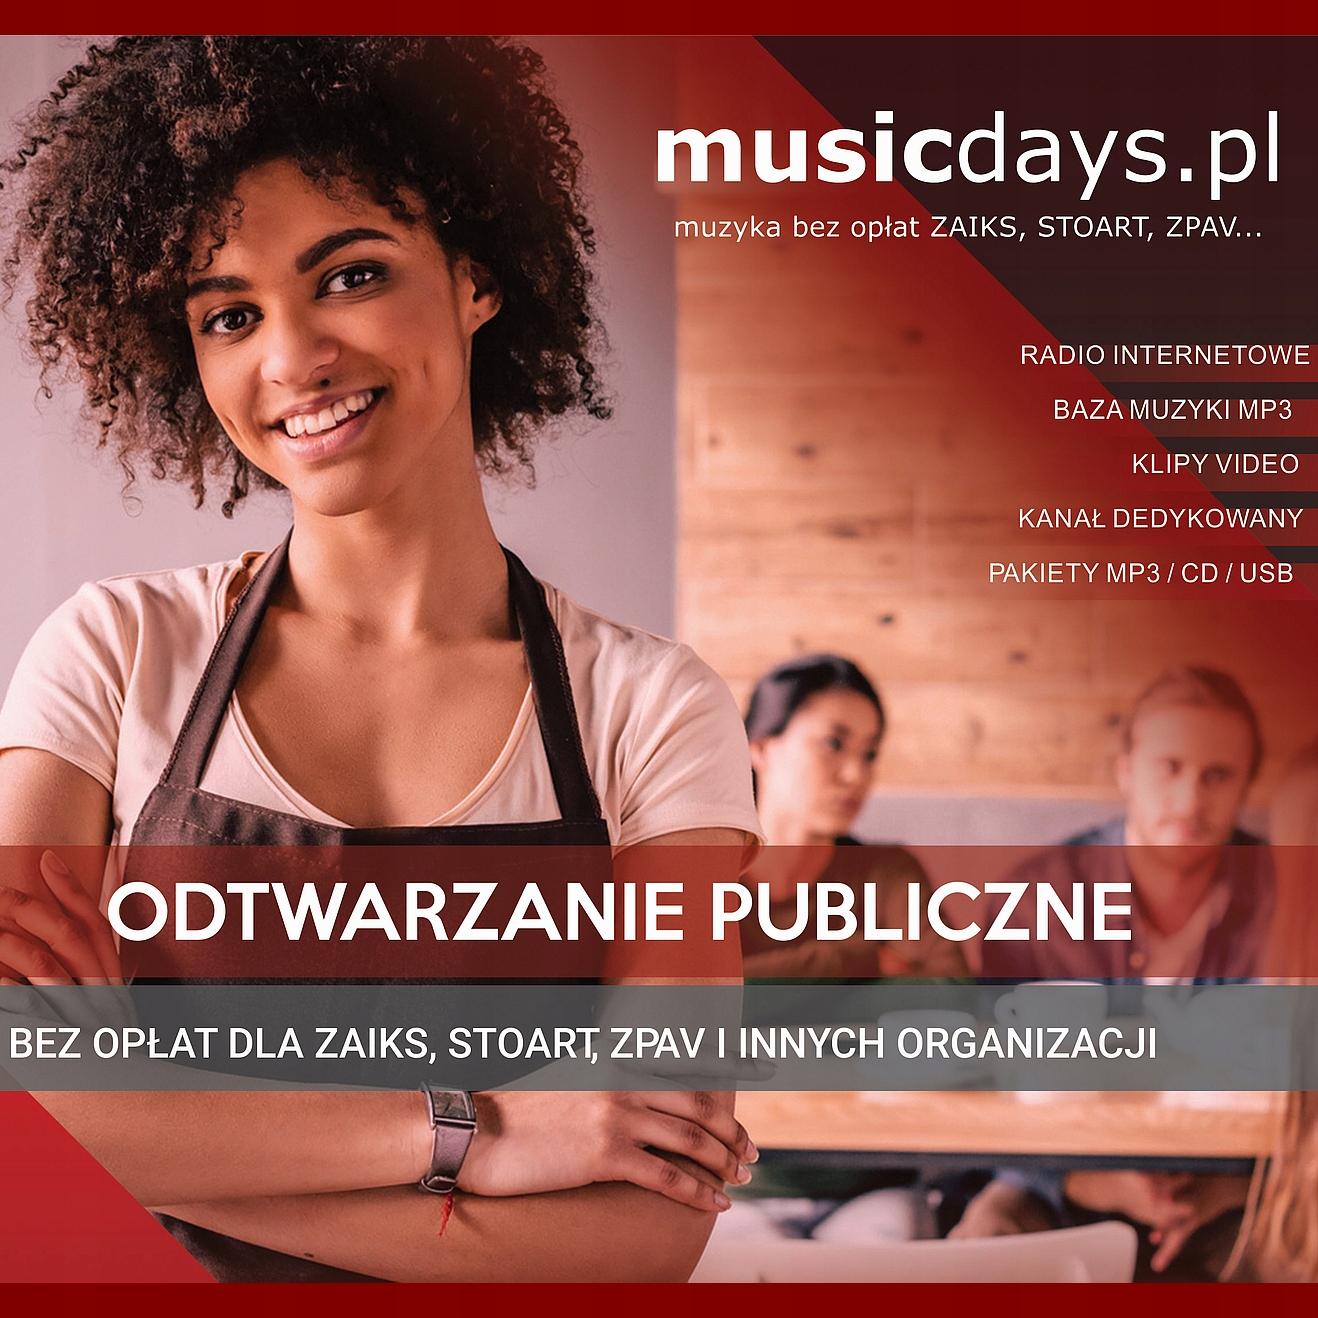 Hudba zadarmo Zaiks - 3 albumy Chill 3 MP3 + USB